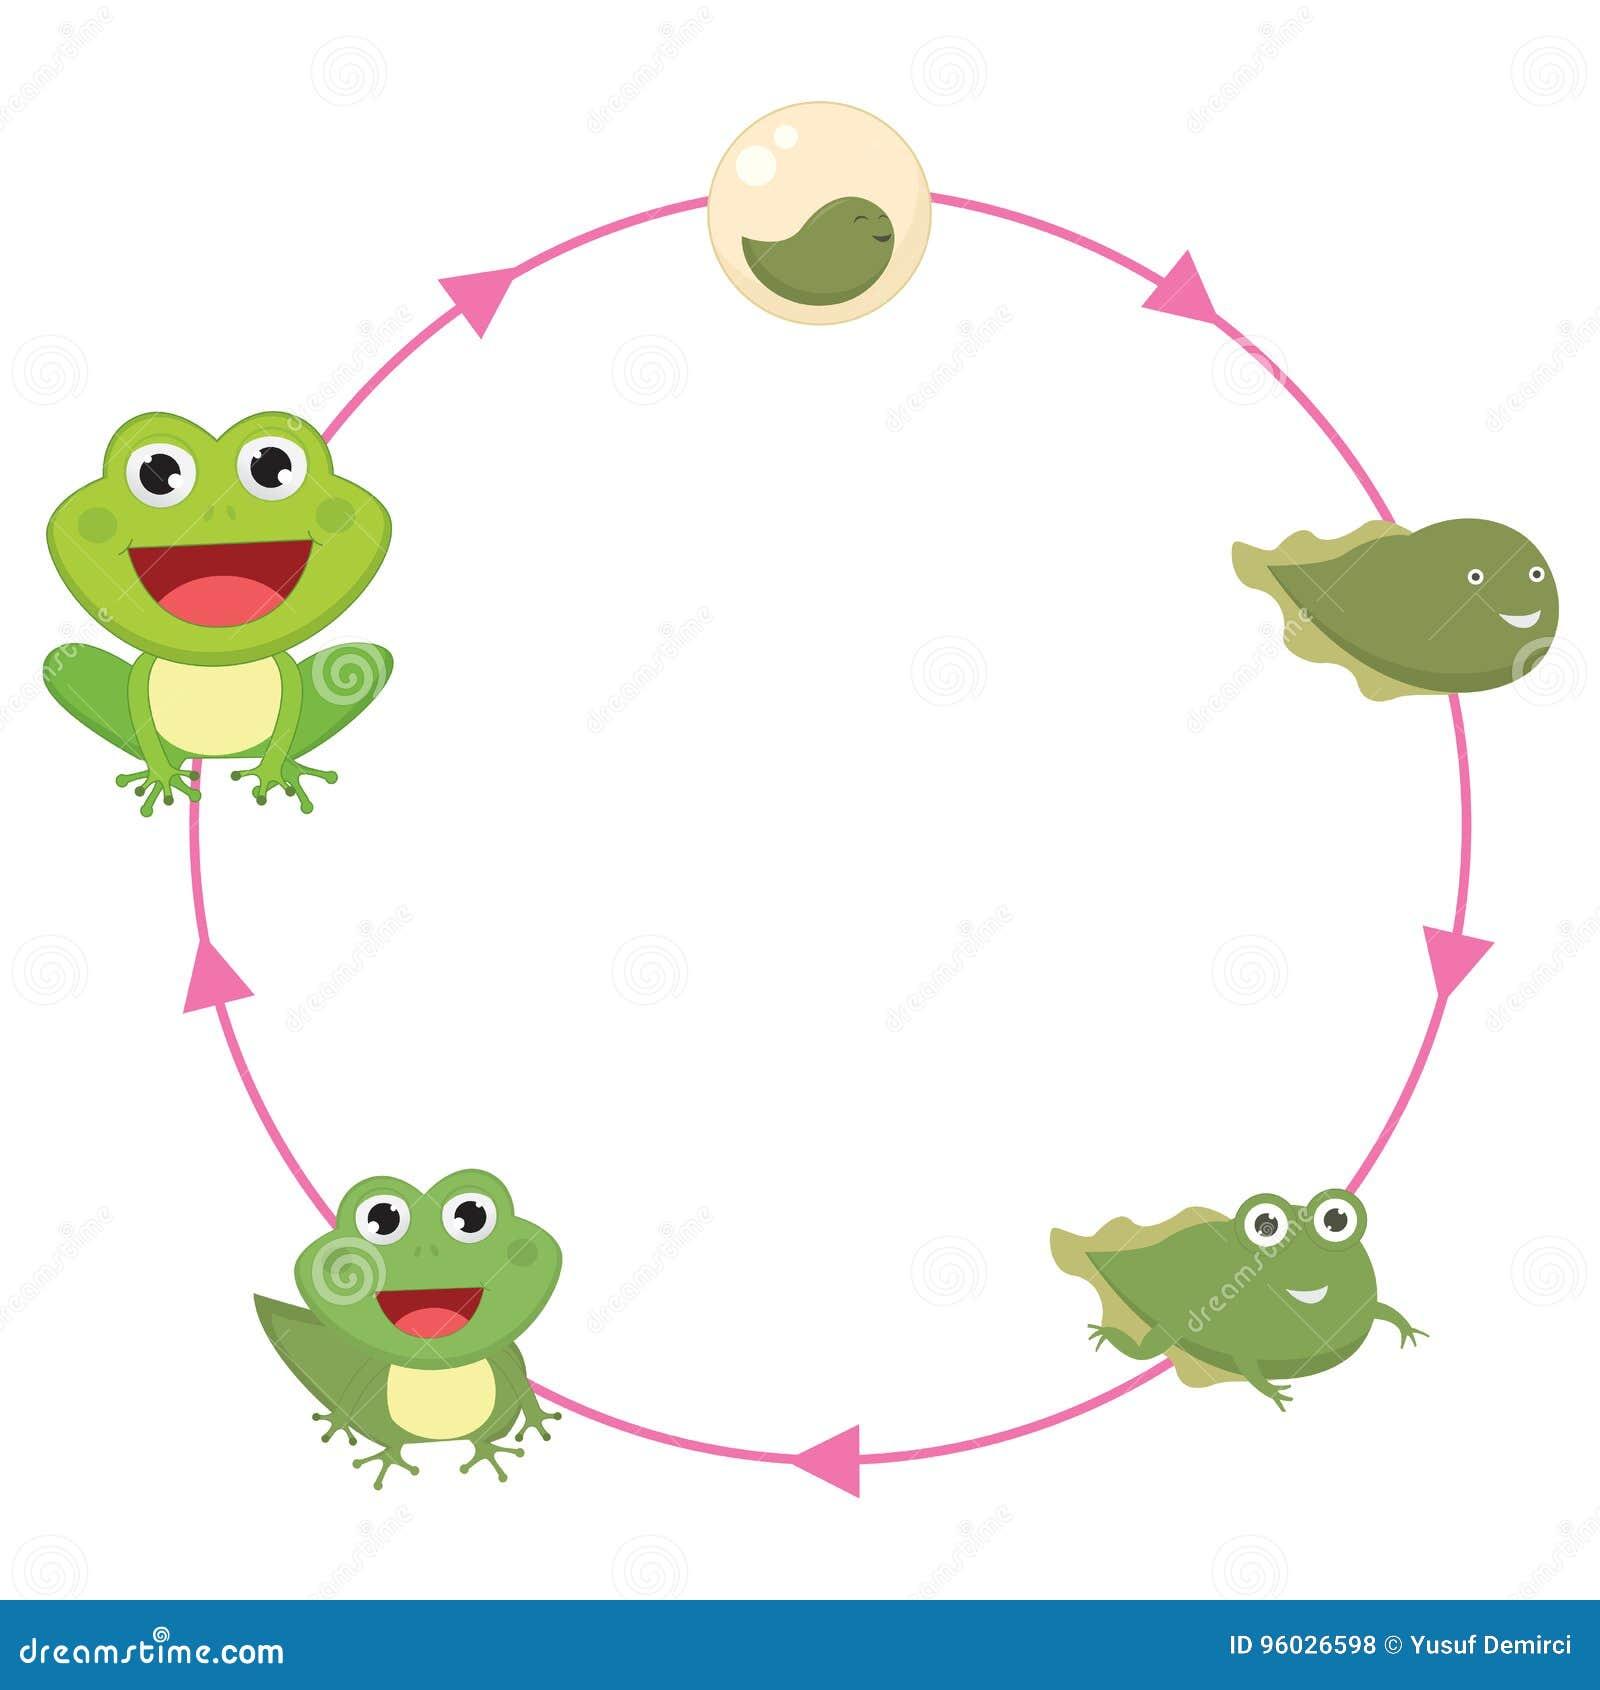 Der Lebenszyklus Der Frosch-Vektor-Illustration Vektor Abbildung ...